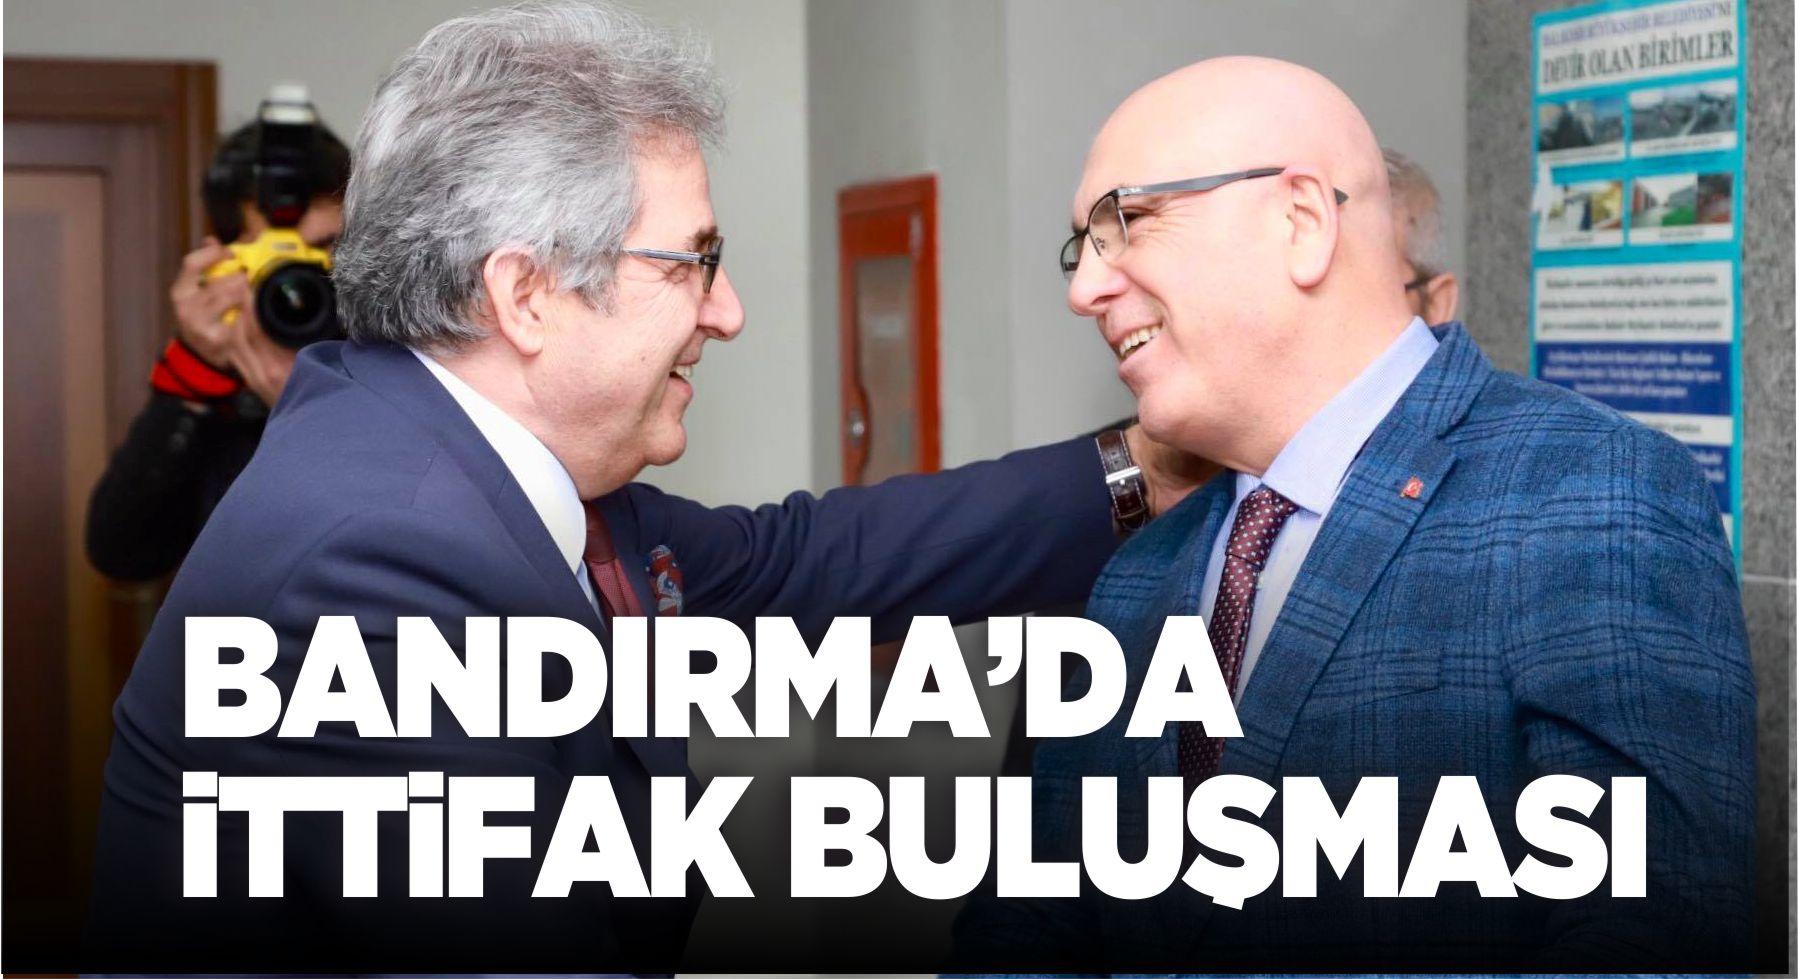 DURSUN MİRZA'DAN İSMAİL OK'A BANDIRMA VAPURU